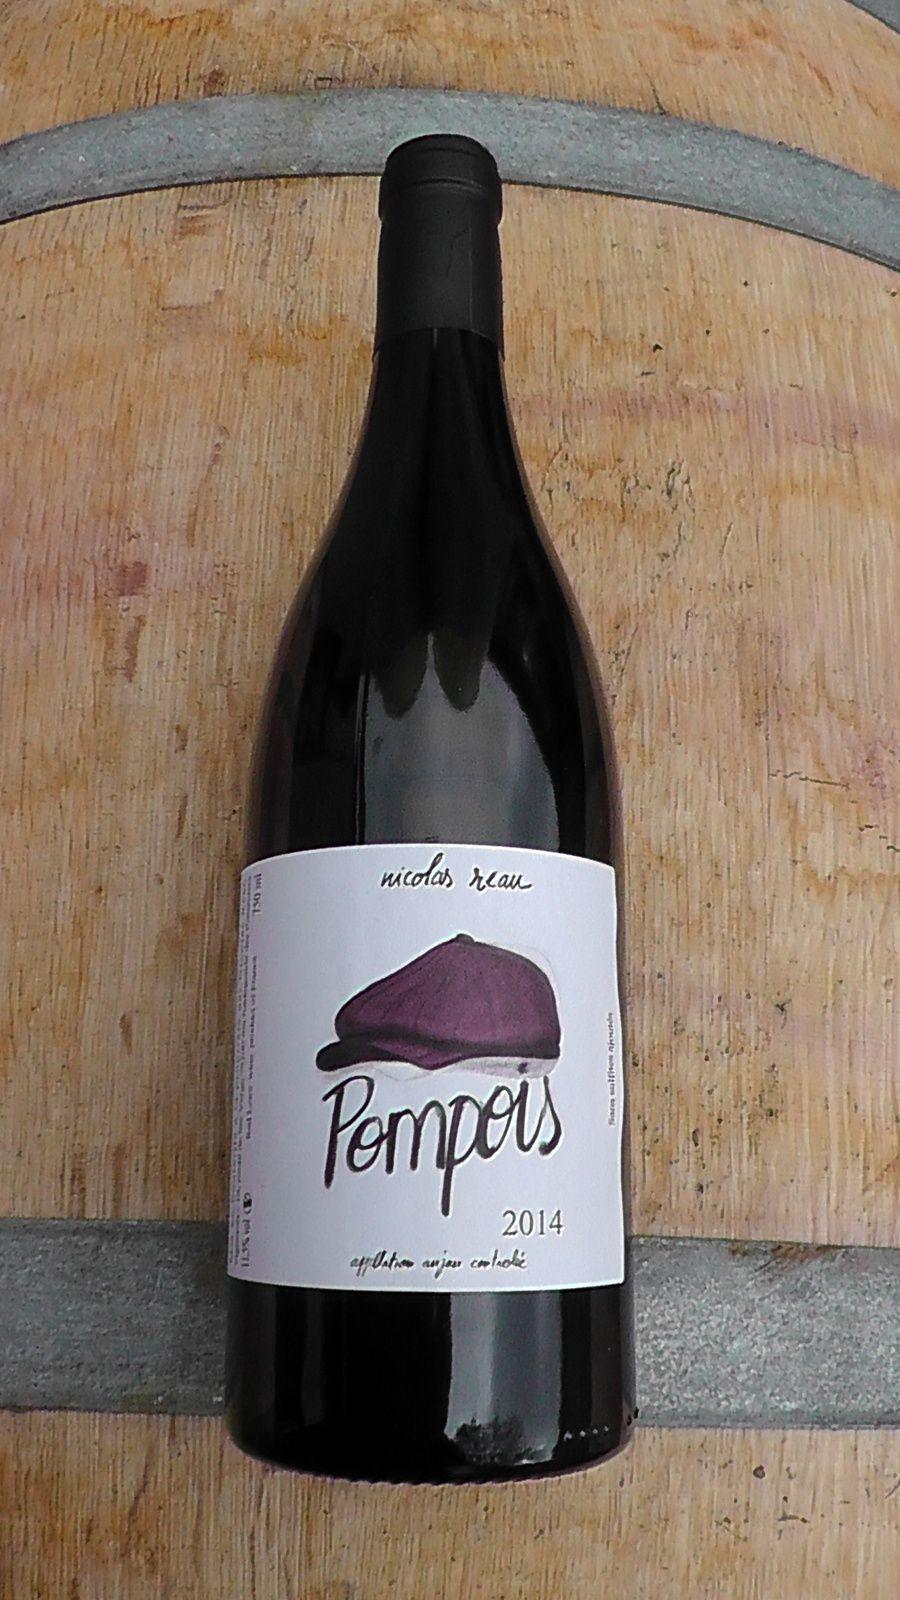 Des vins qui font du bien : &quot&#x3B;Pompois 2014&quot&#x3B;, la pivoine y est